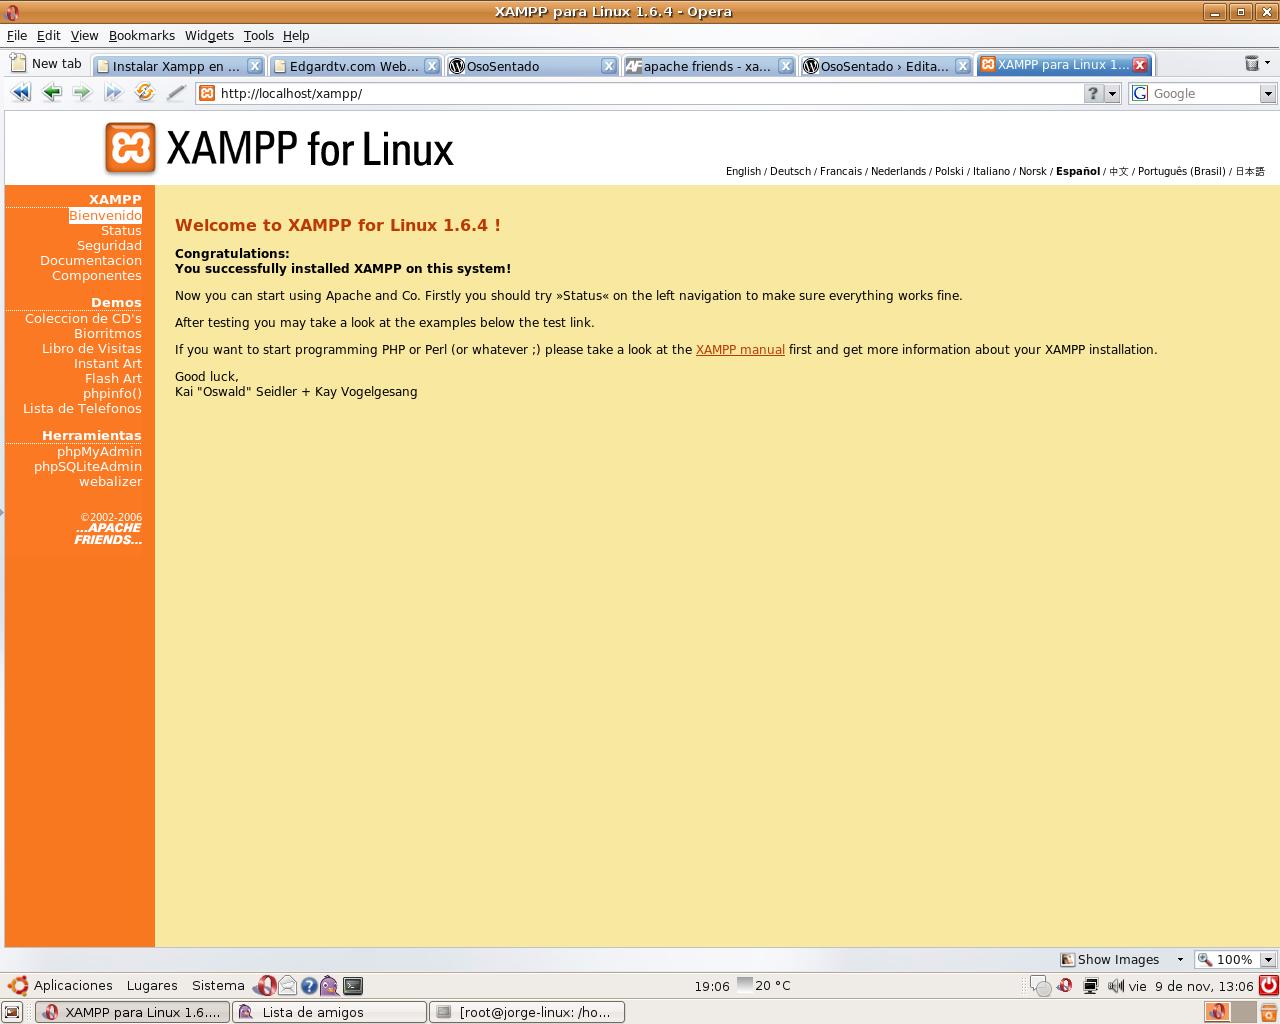 Inicio de Xampp